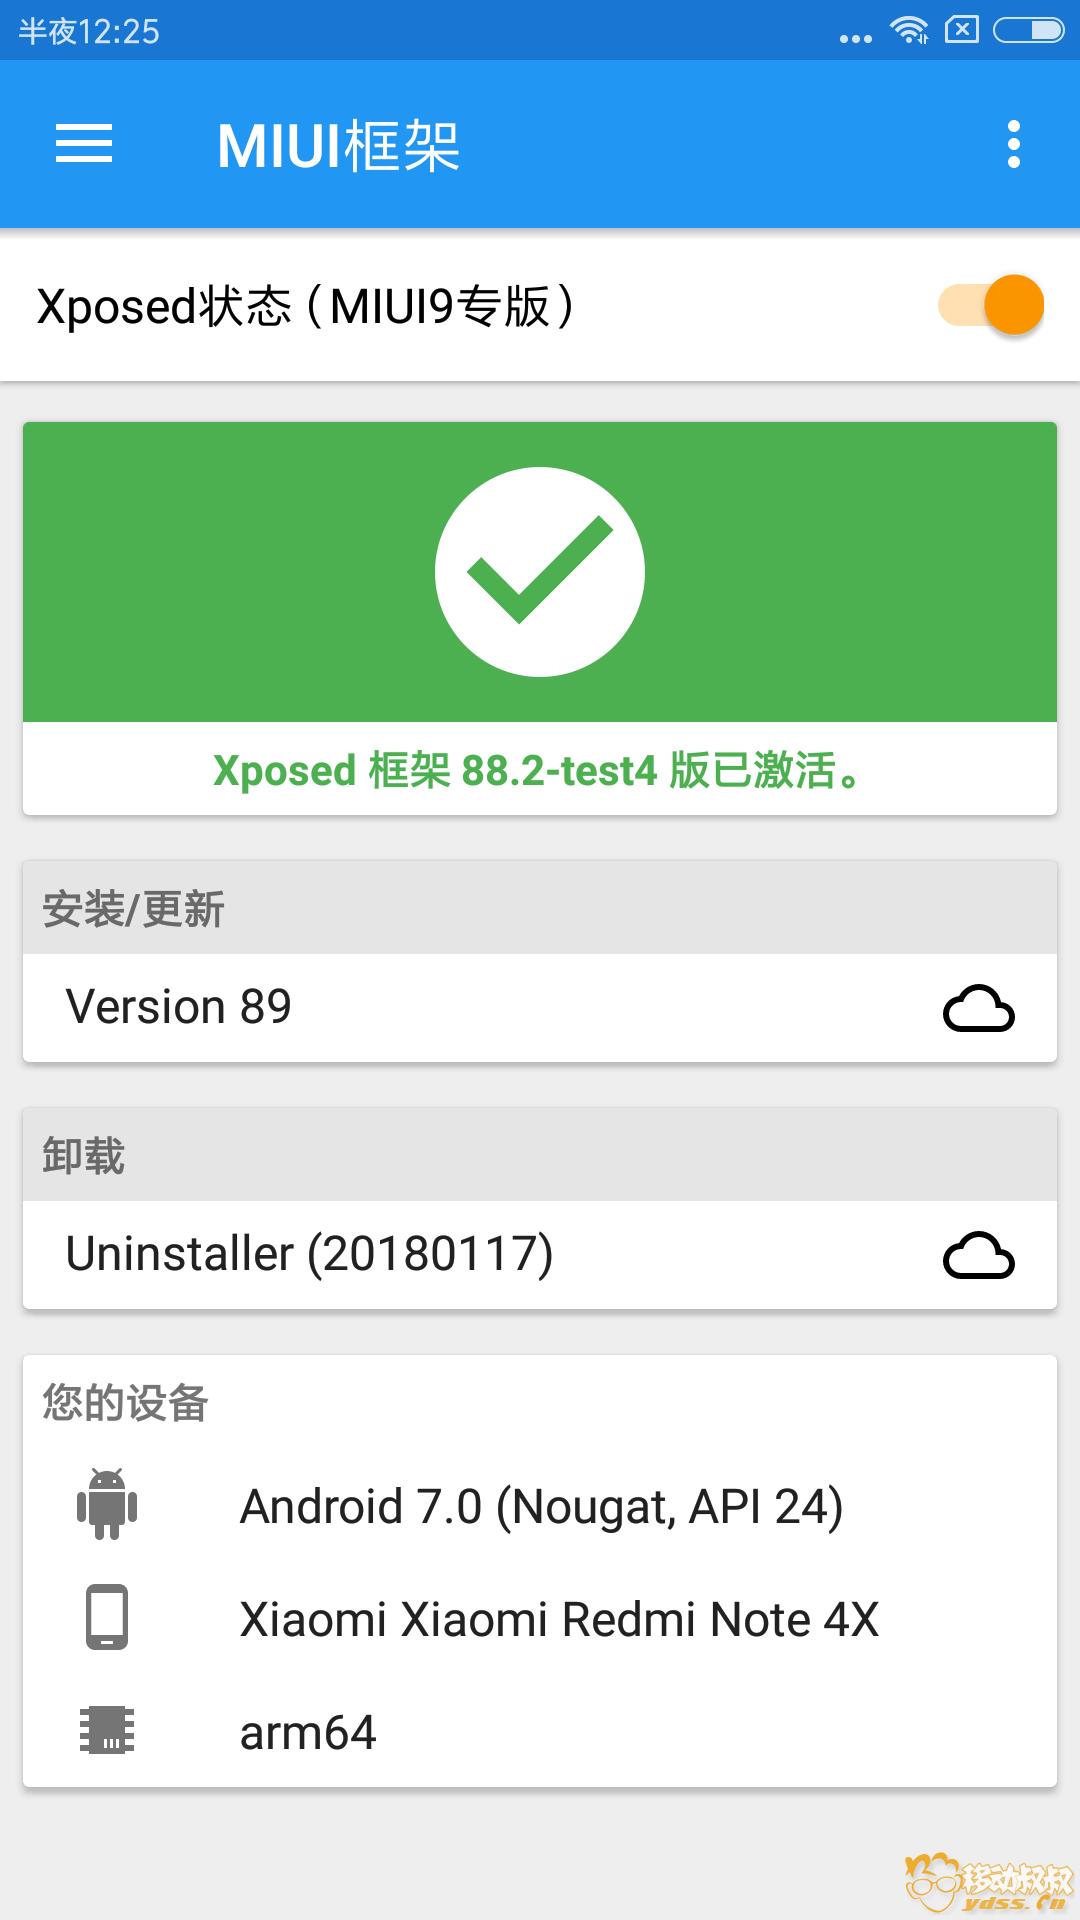 Screenshot_2018-03-11-00-25-36-498_de.robv.androi.png